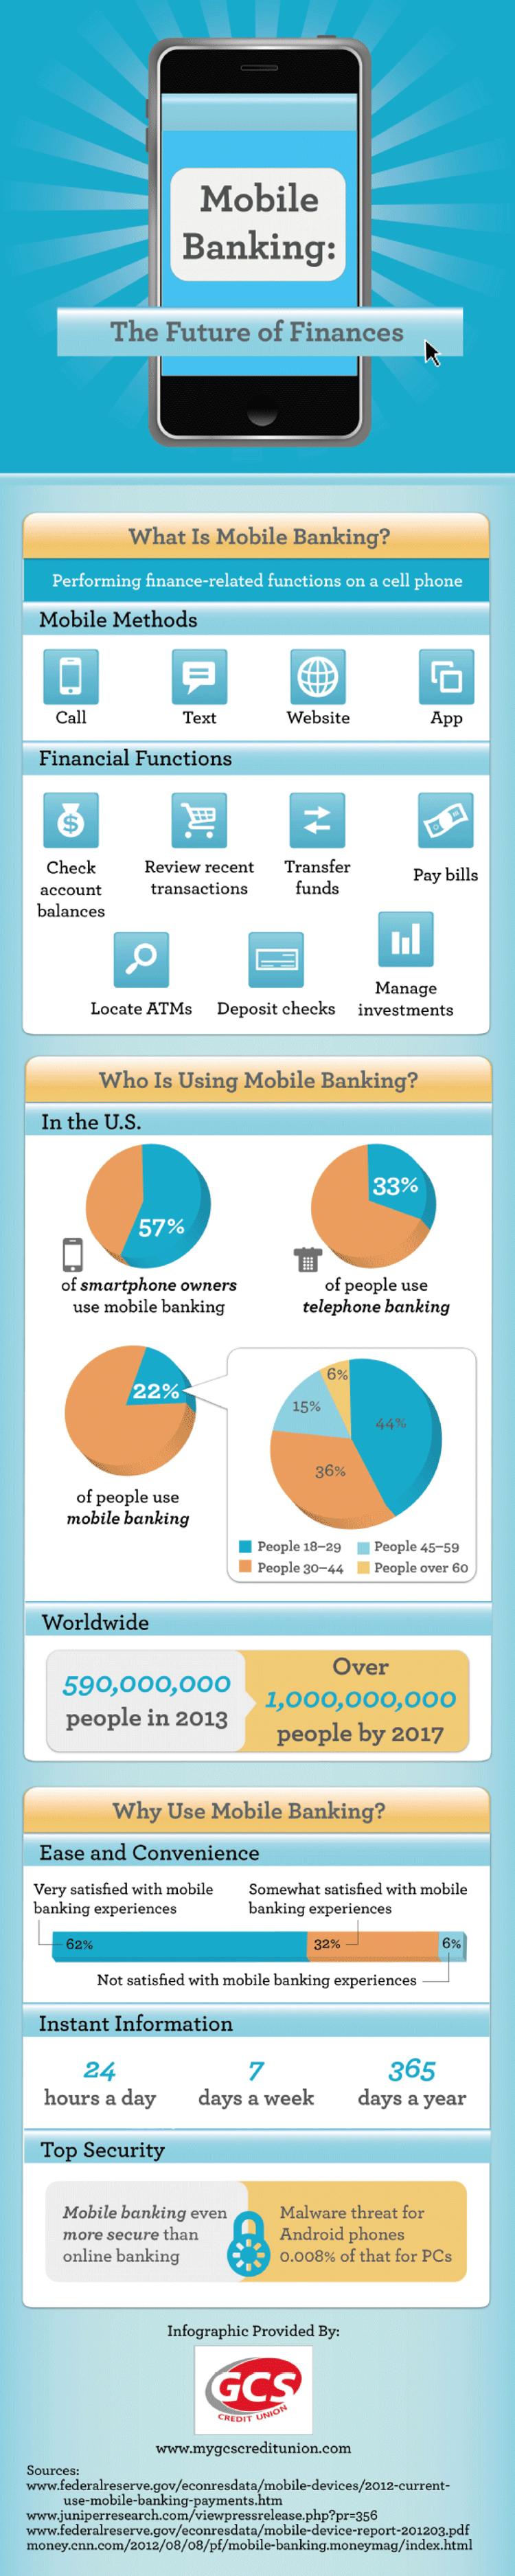 Mobile Banking im Überblick: Grundlagen, Funktionen, Nutzer